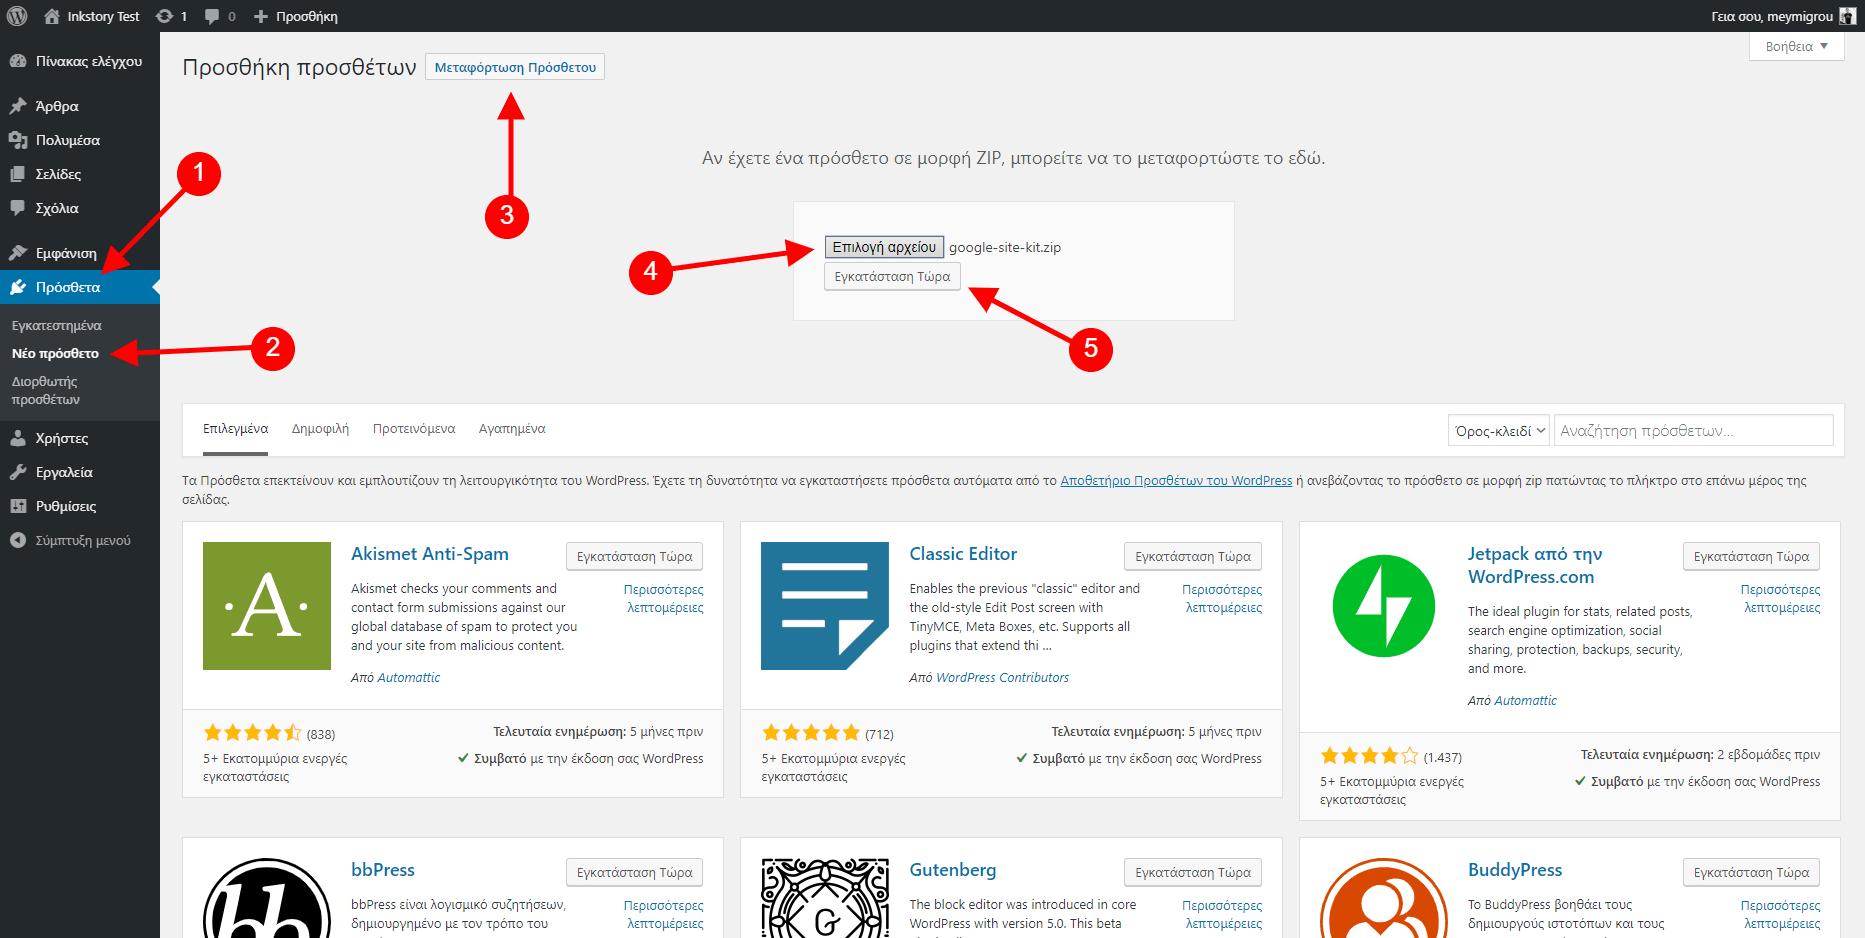 Χειροκίνητη εγκατάσταση του Google Site Kit στο WordPress